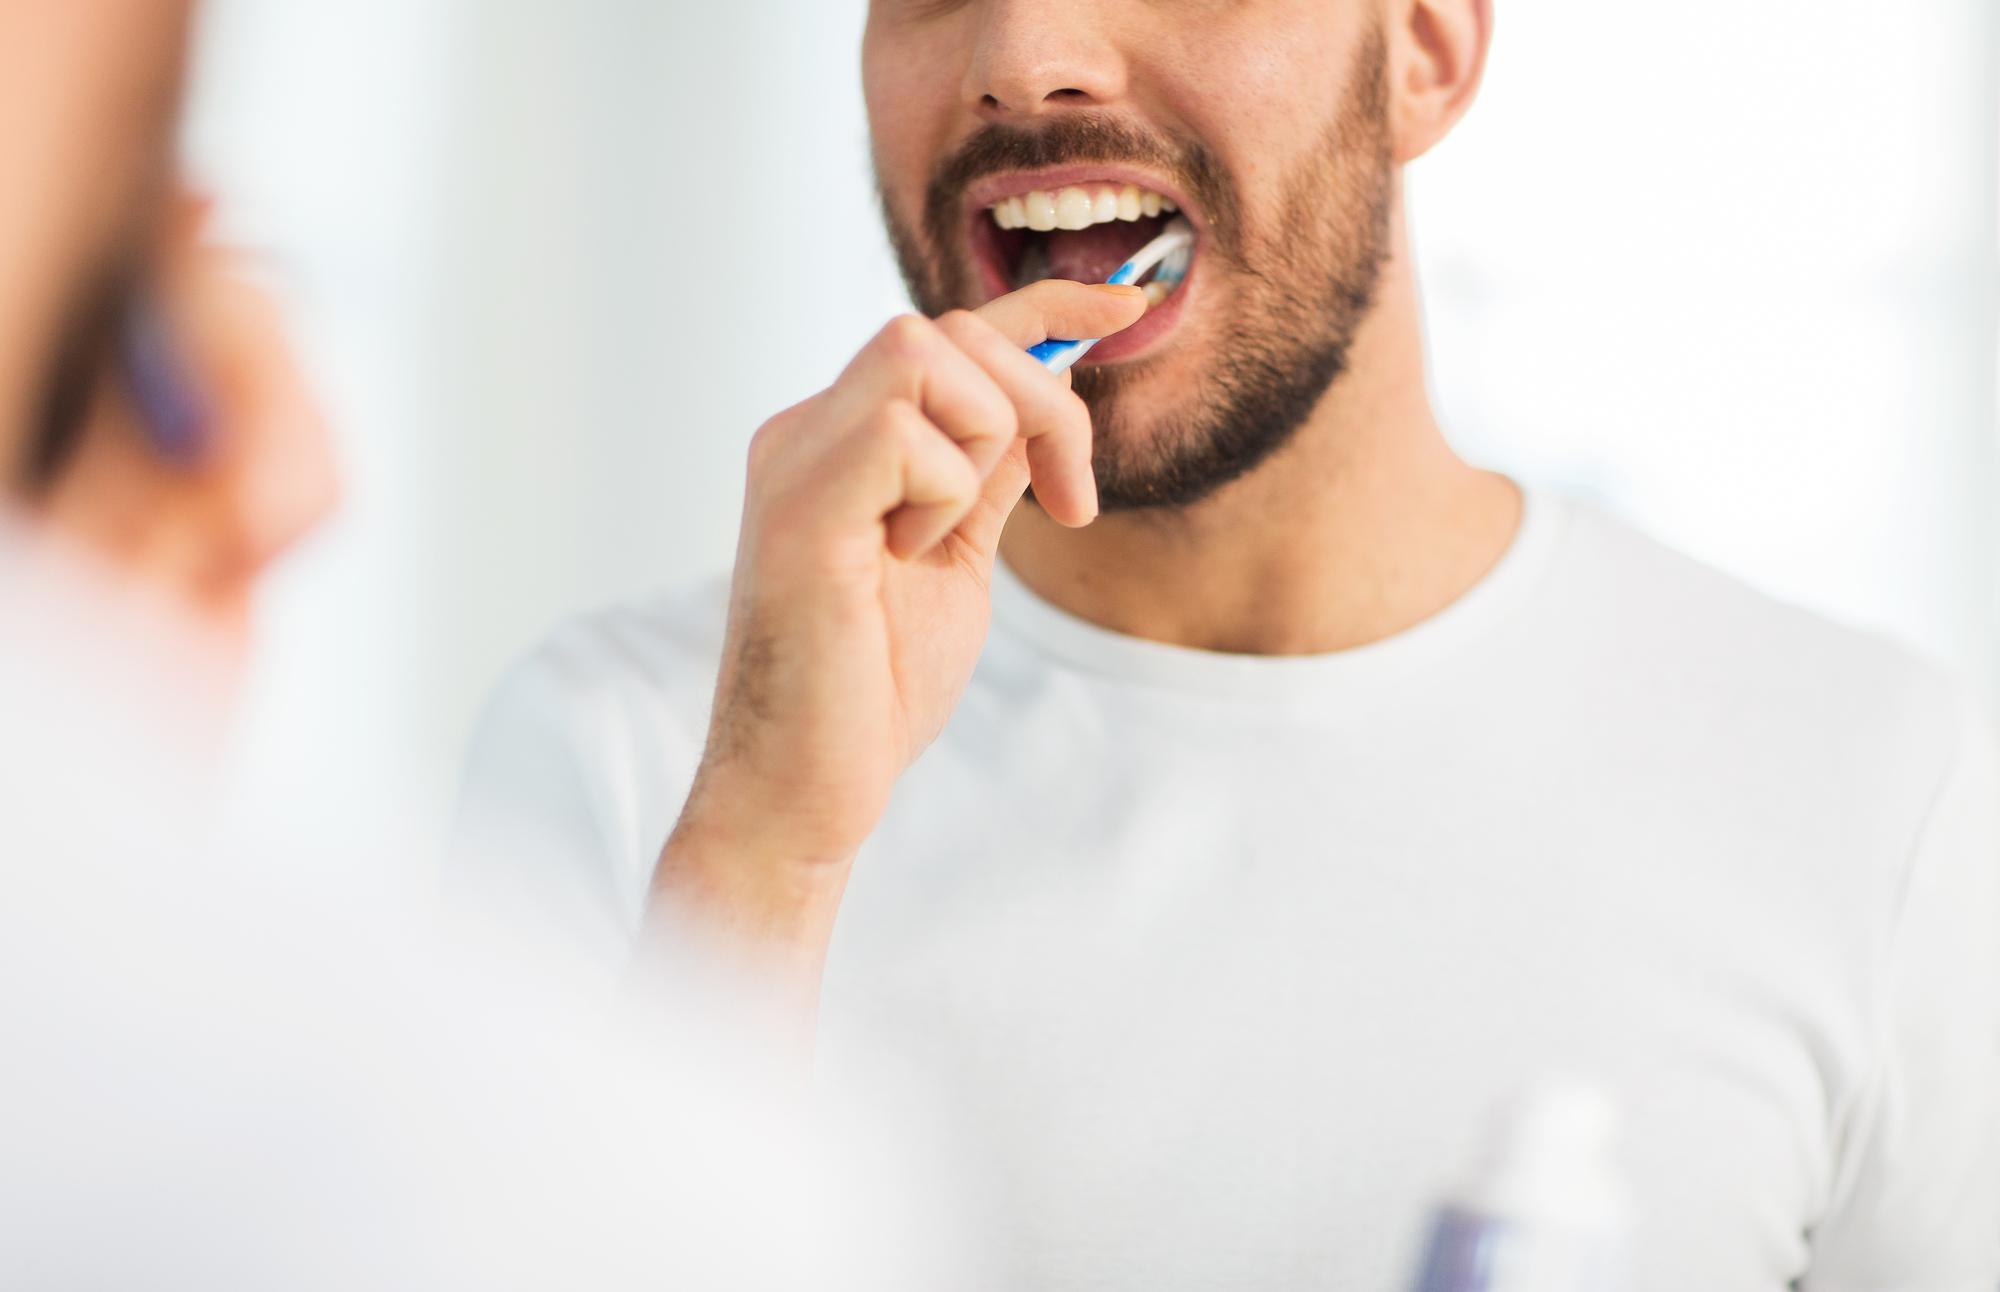 落とす 歯 の 黄ばみ